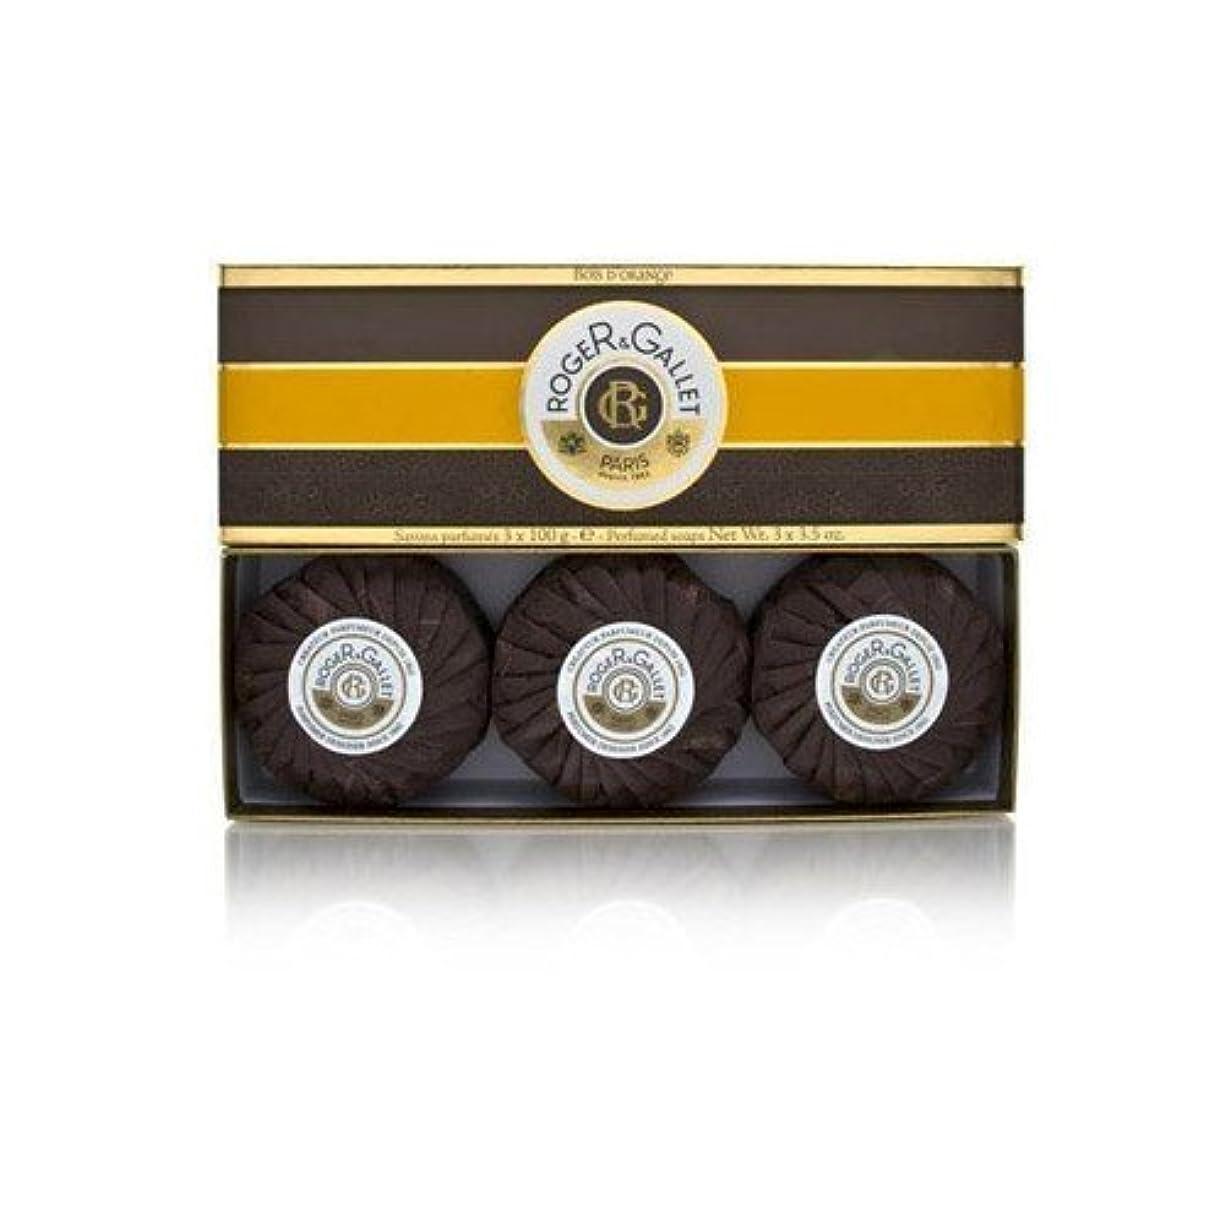 ありふれた受粉者打ち負かすロジェガレ ボワ ドランジュ (オレンジツリー) 香水石鹸3個セット ROGER&GALLET BOIS D'ORANGE PERFUMED SOAP [0161]